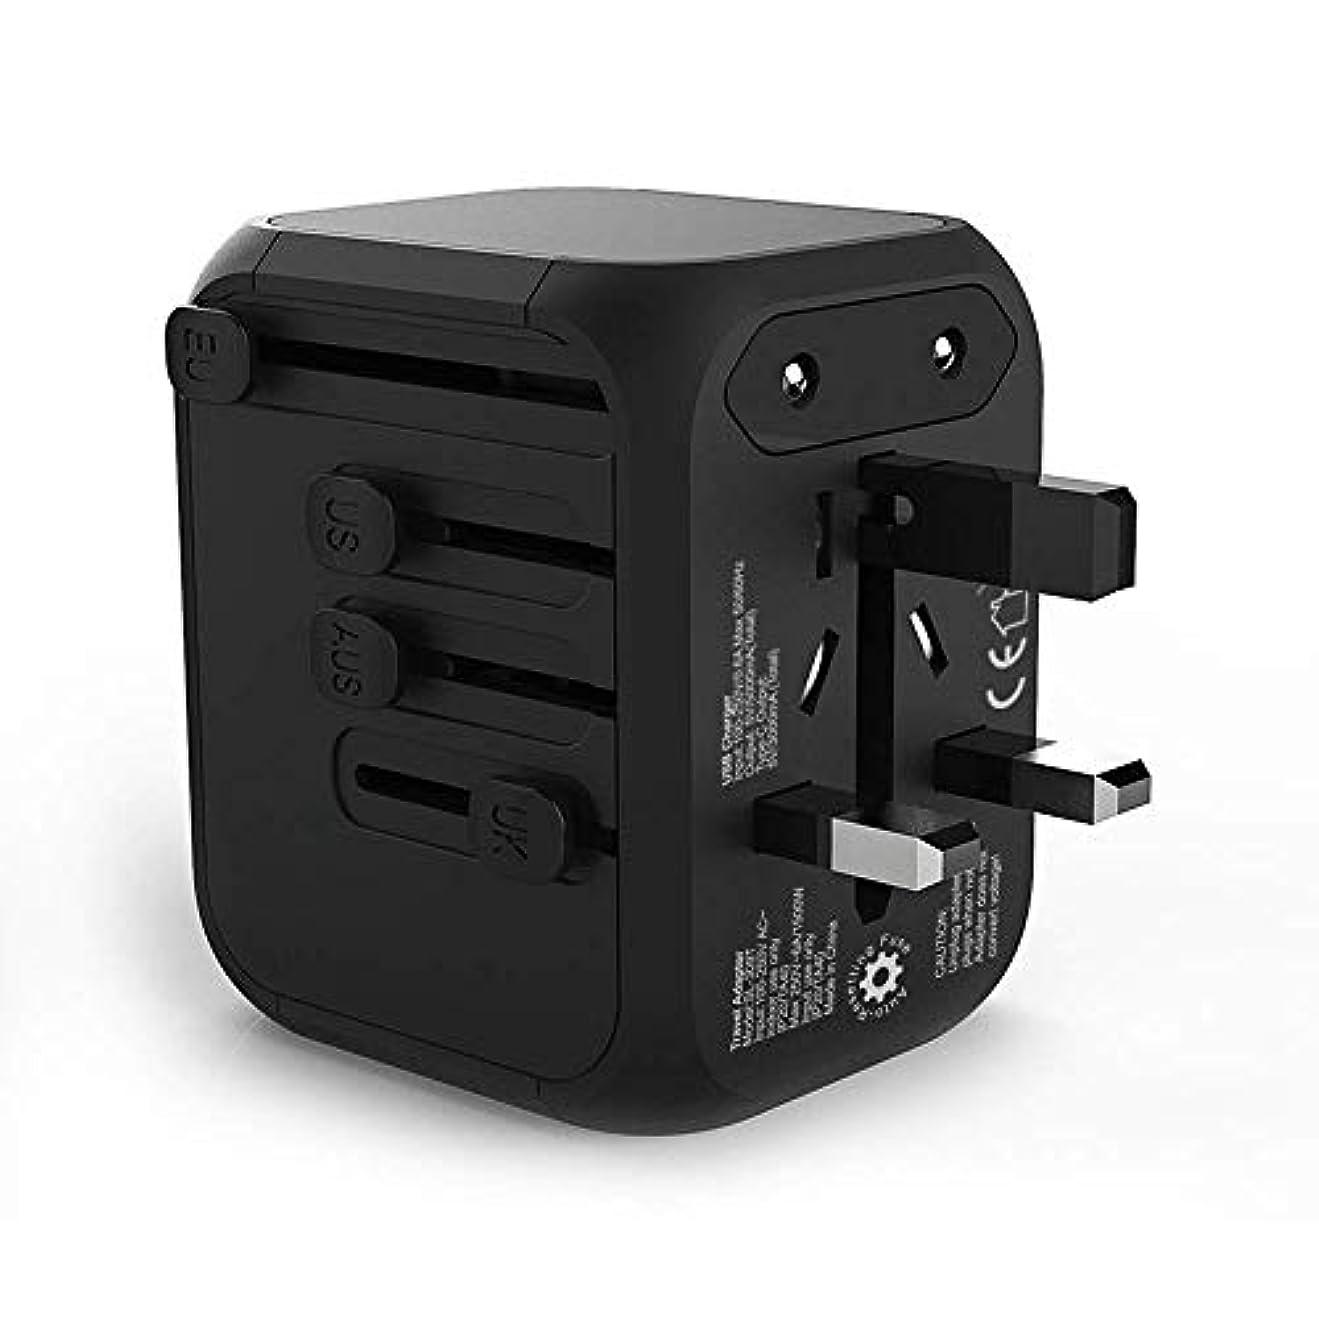 教えてフィヨルド唯物論USB充電器プラグ、各国用ソケット穴、ウォールチャージャー、5.0A、1Type-c、3ポートUSBプラグ充電器、iOS、iPad、タブレット、パワーバンク、ホーム、オフィス、ブラック用